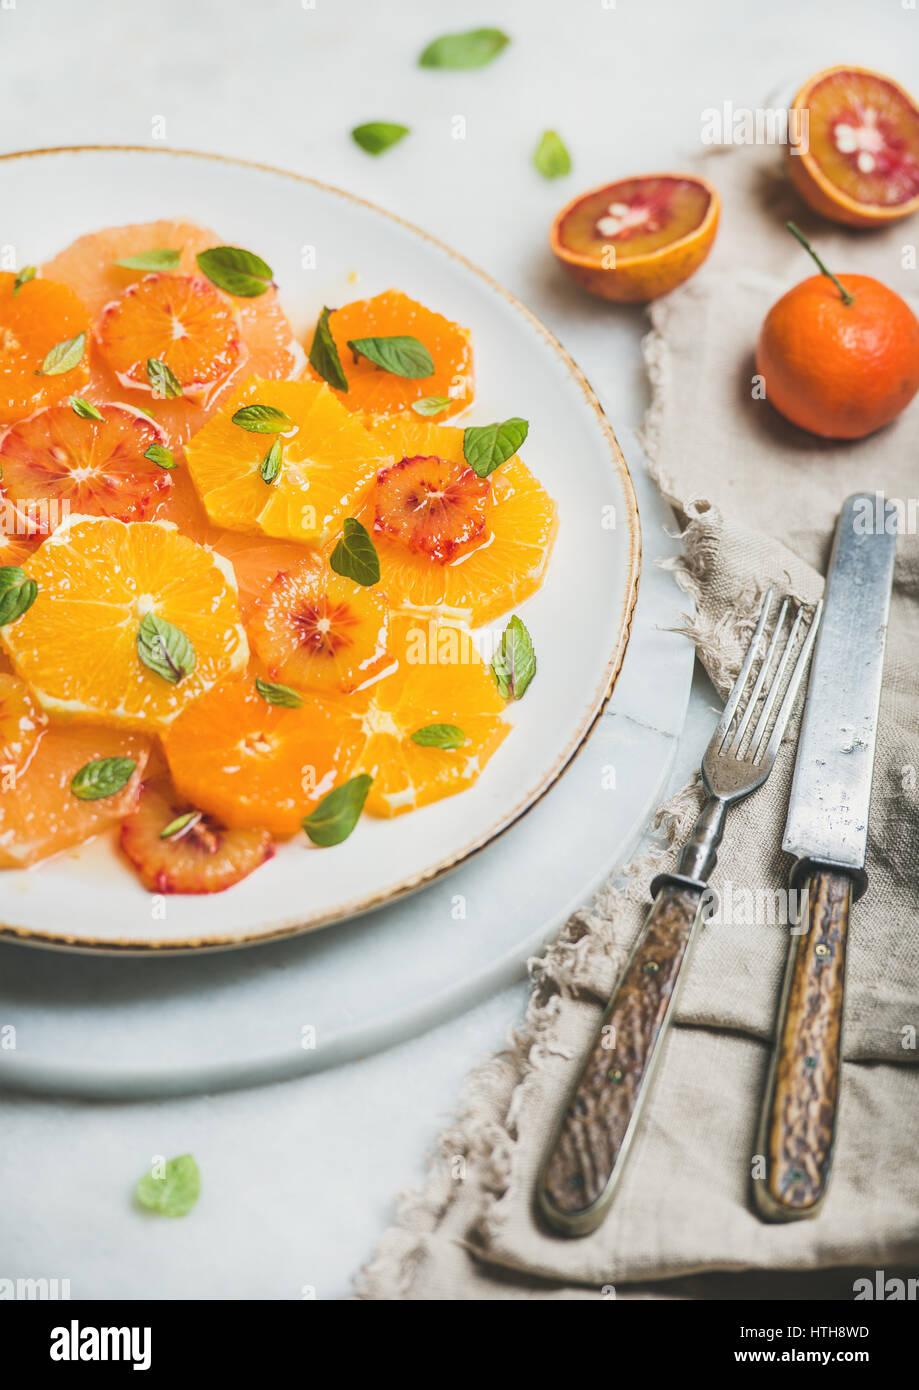 Vegetariano fresca agrumi misti insalata di frutta con menta e miele Immagini Stock